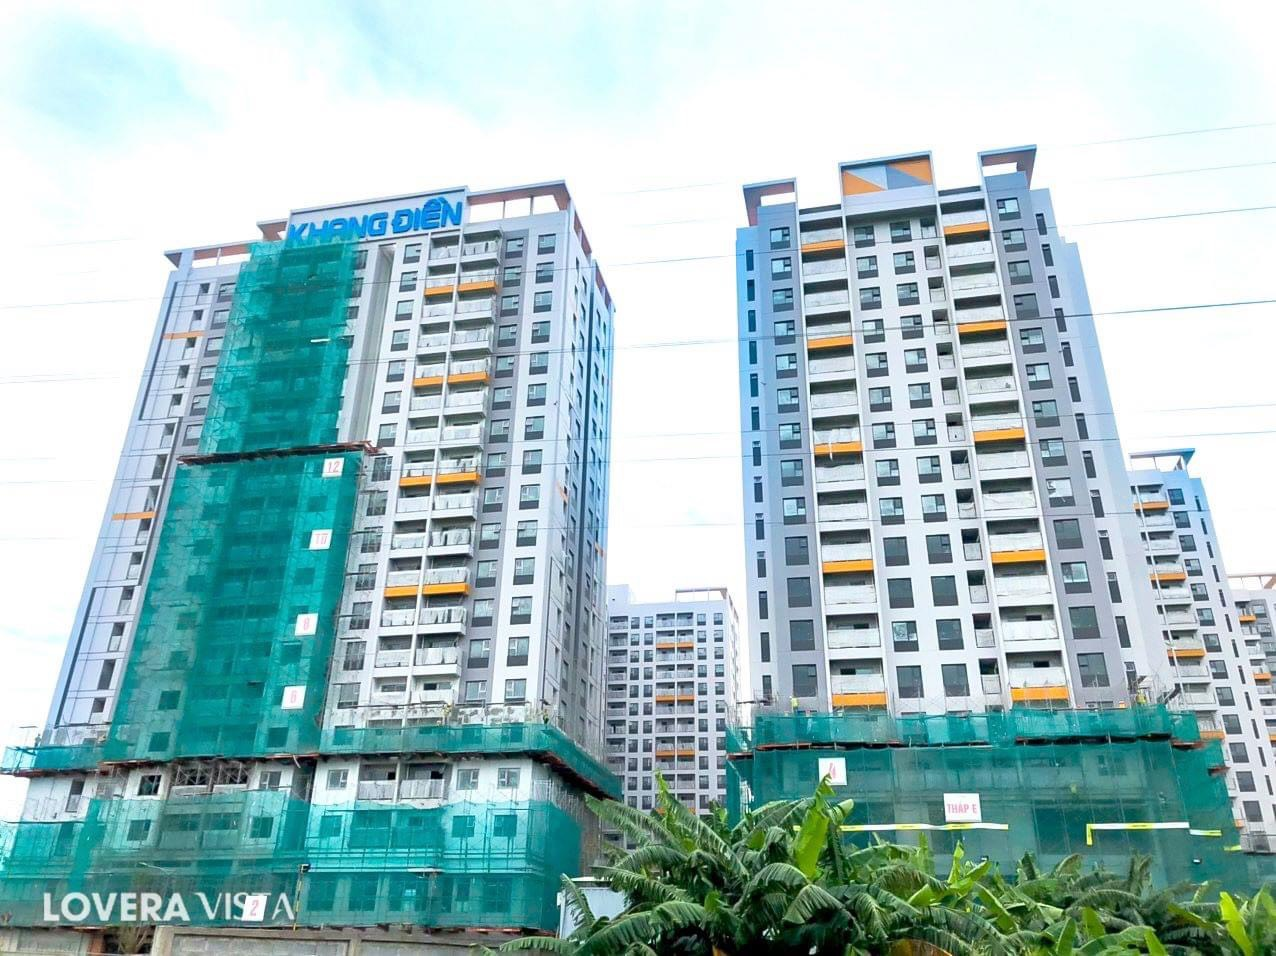 Tiến độ cập nhât mới nhất phối cảnh sắp hoàn thiện dự án căn hộ Lovera Vista Khang Điền.